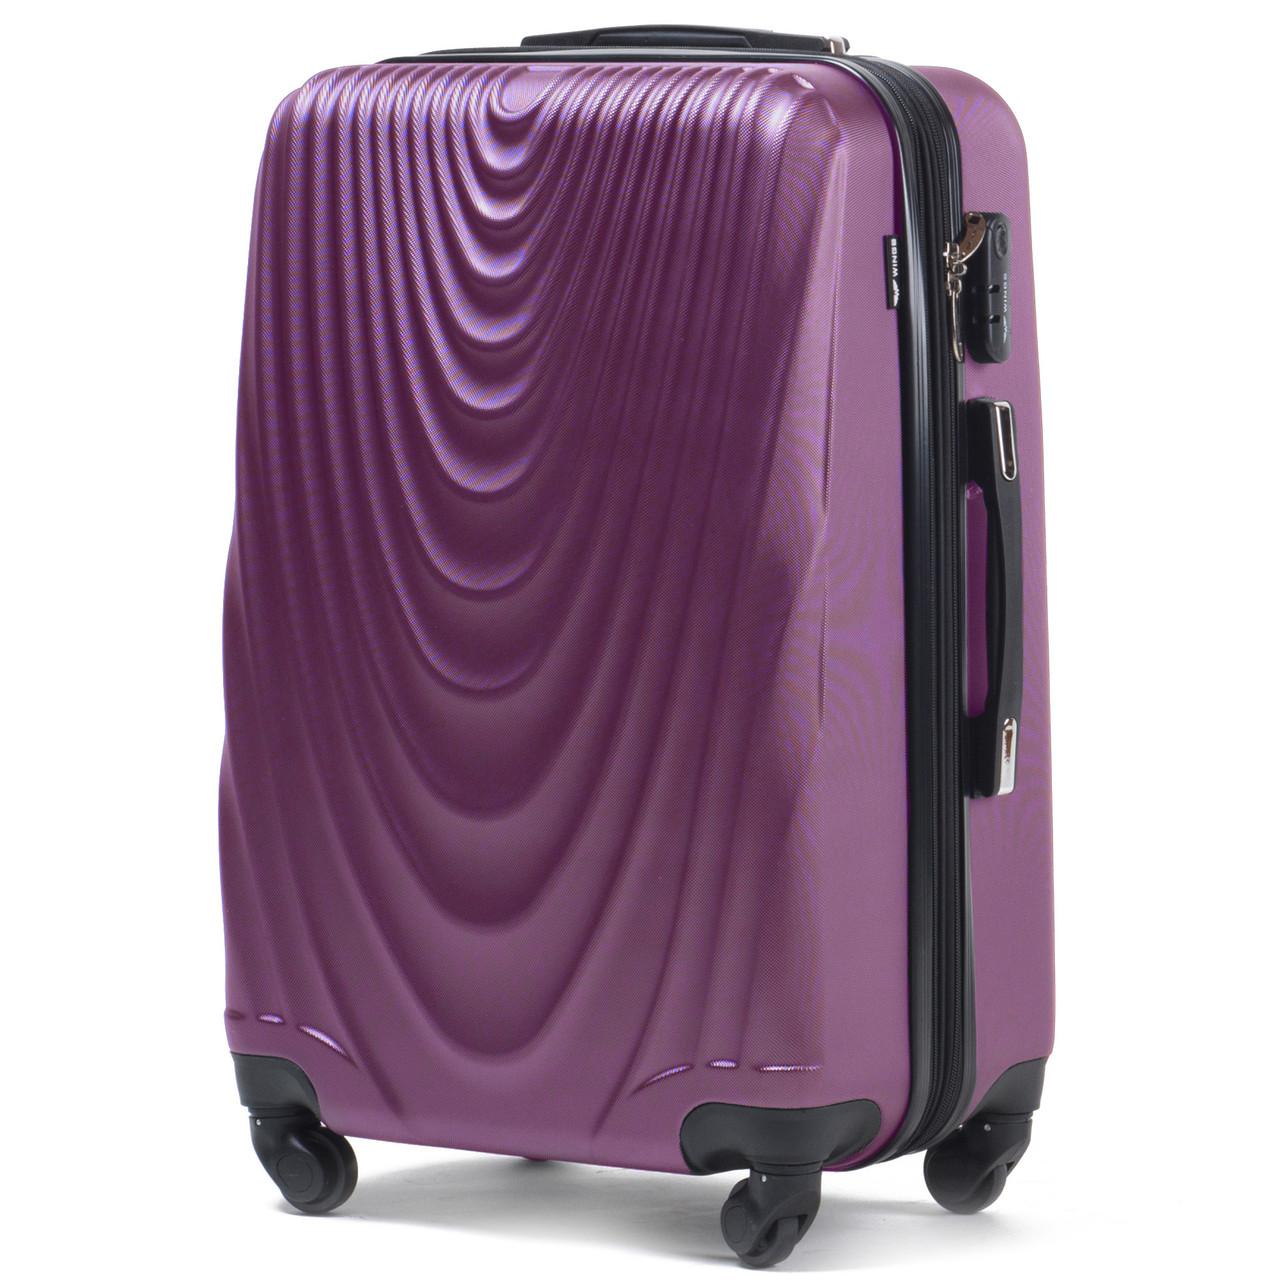 Средний пластиковый чемодан Wings 304 на 4 колесах фиолетовый